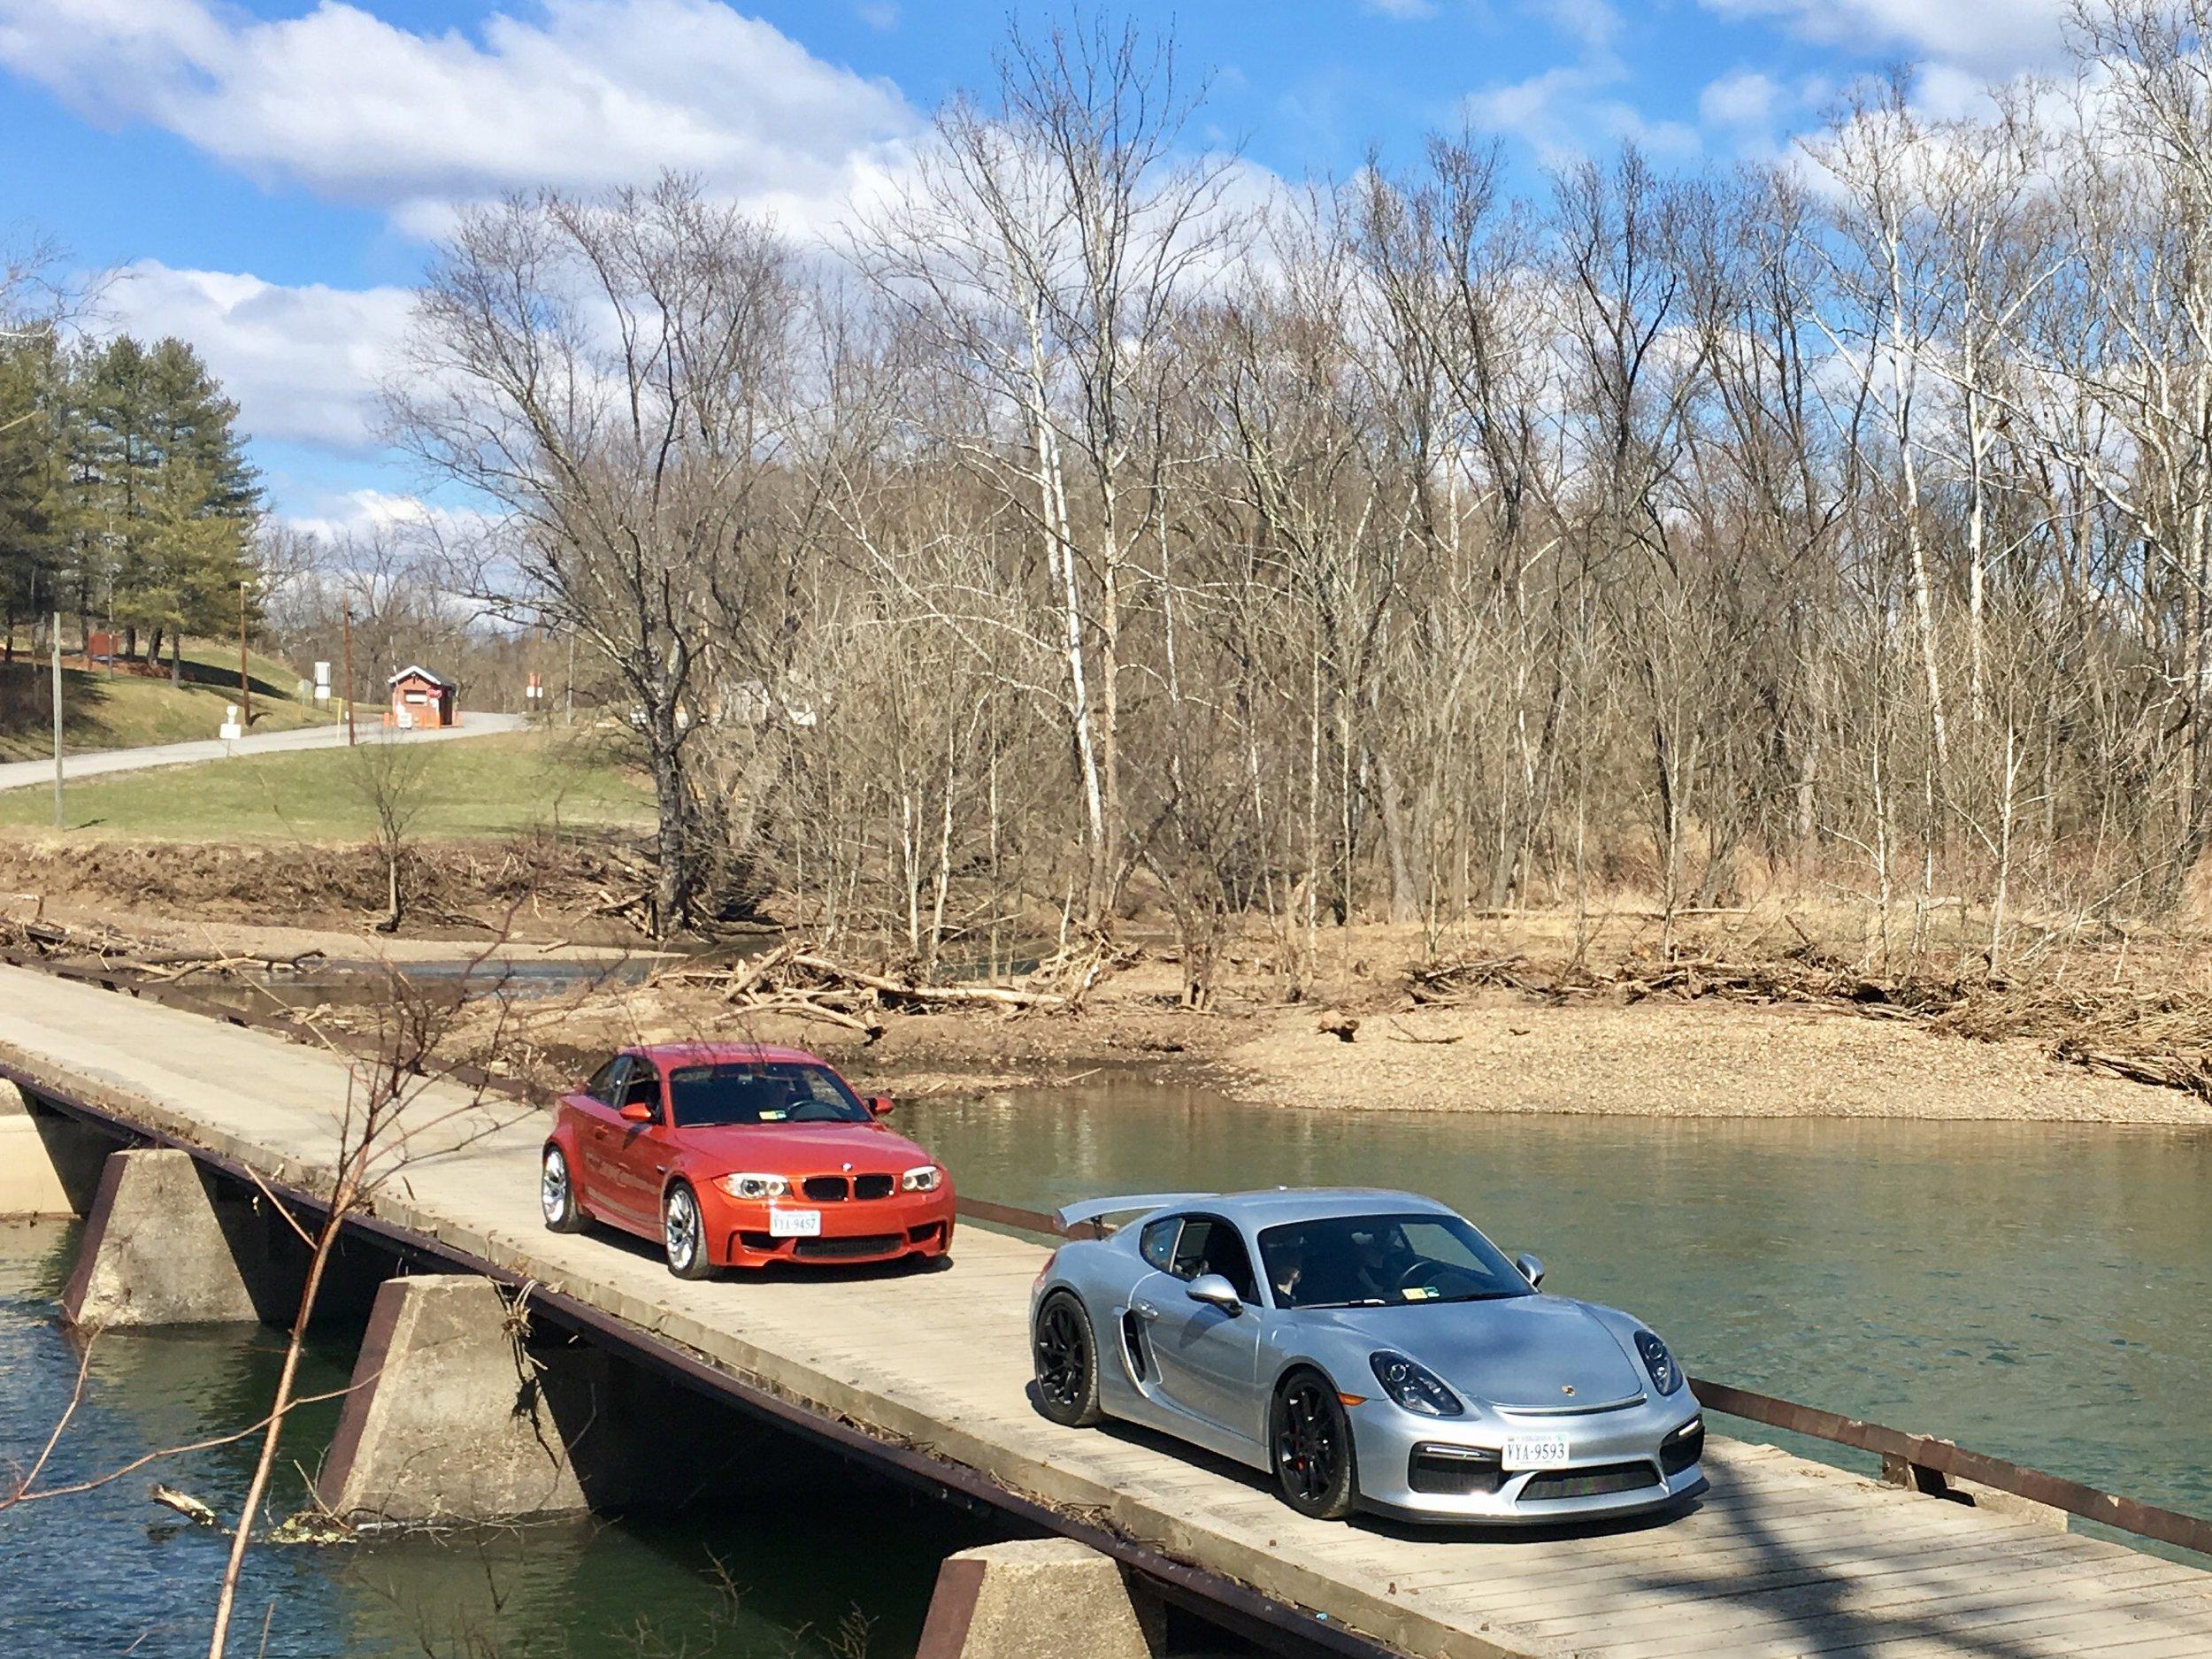 Cars on bridge.jpg